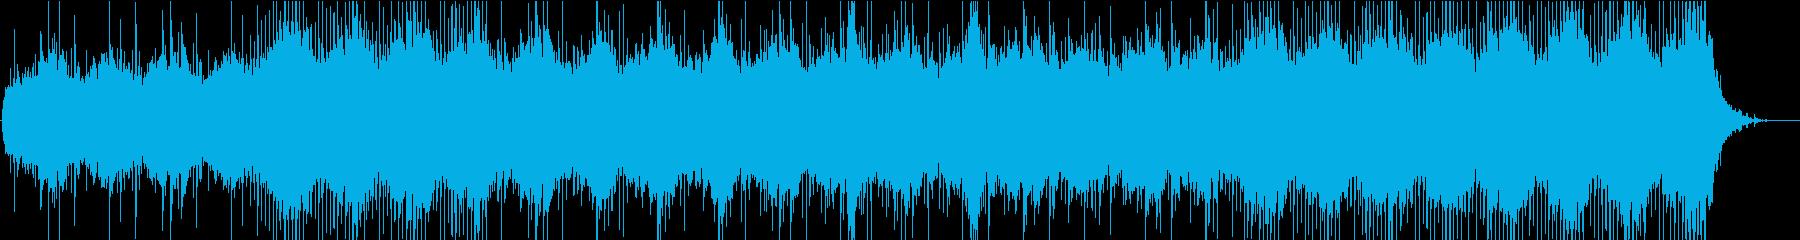 不穏で不気味なシタールの曲の再生済みの波形